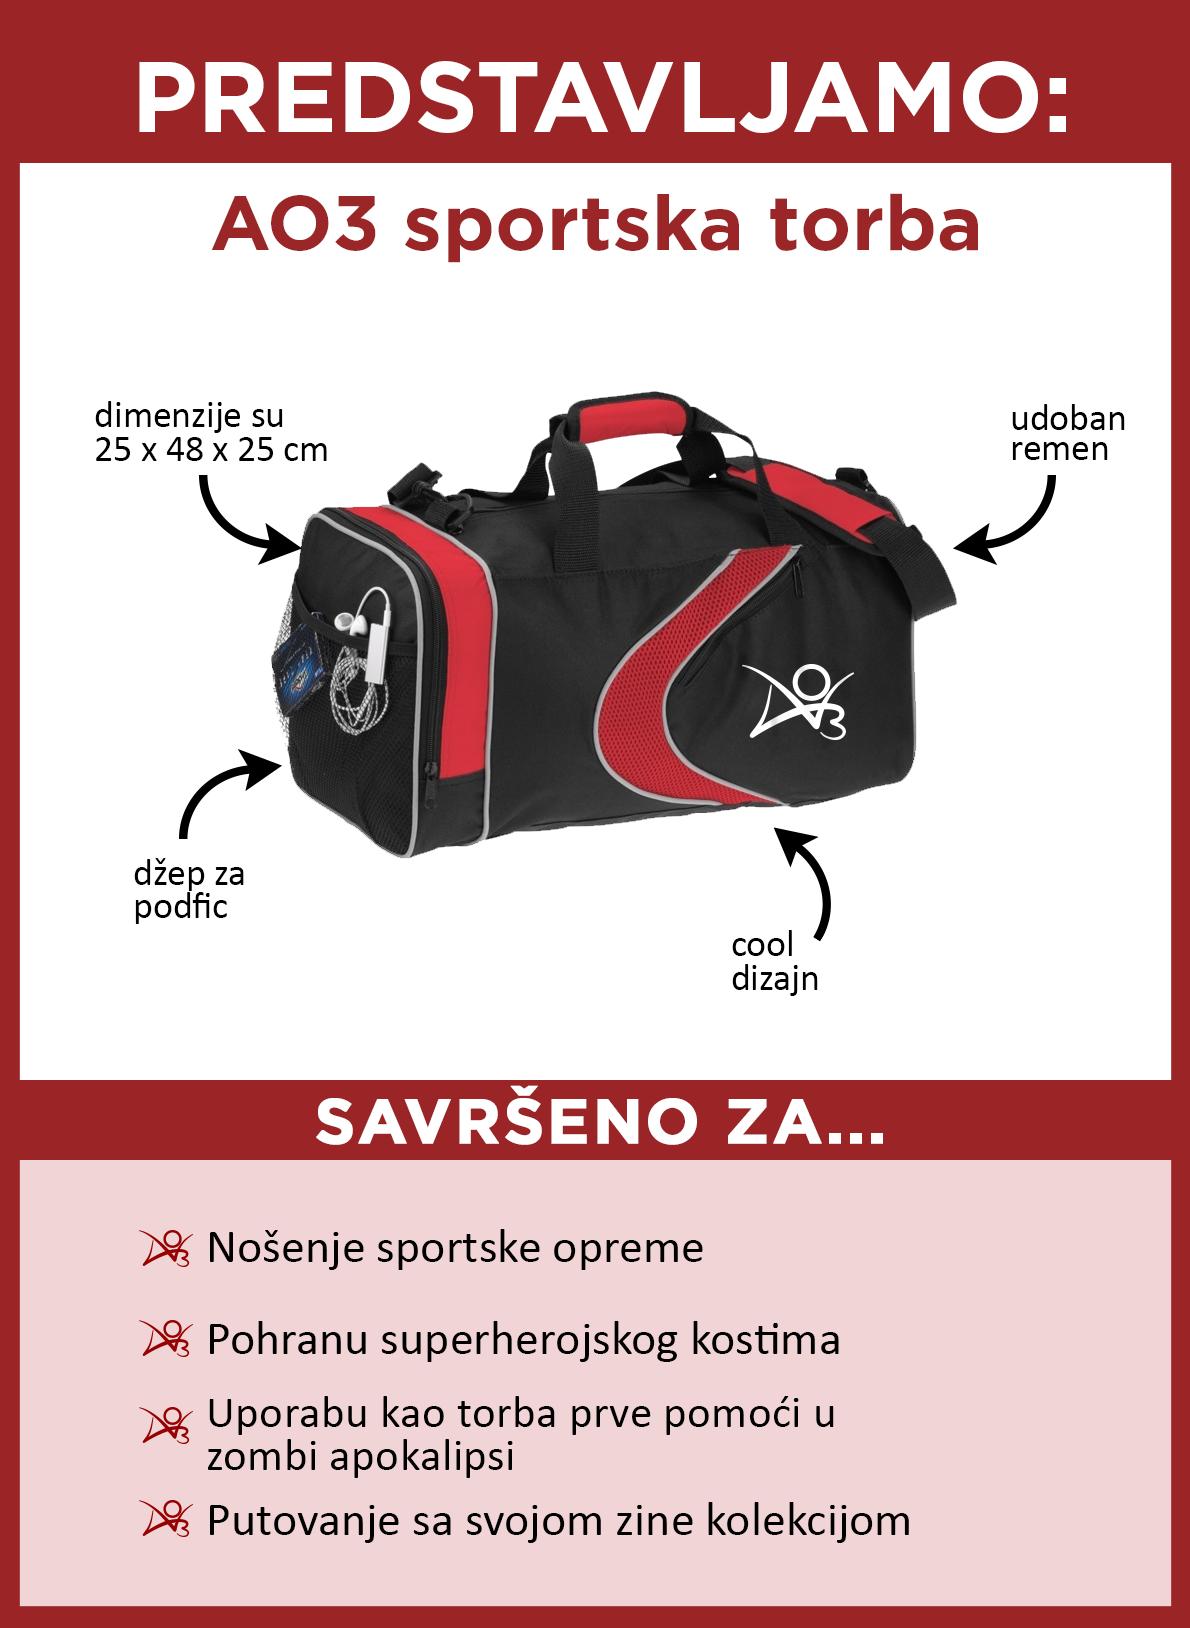 Predstavljamo AO3 sportsku torbu. Ova torba je crne boje s crvenim akcentima, s crvenim cool dizajnom i AO3 logom sa strane. Njezine su dimenzije 25 x 48 x 25 centimetara. Ima prikladnu naramenicu i džep sa strane idealan za spremanje podficova. Odlična je za spremanje odjeće za teretanu, spremanje vašeg superherojskog kostima; koristite je kao torbu za hitne slučajeve u zombi apokalipsi, i za putovanje s vašom zine kolekcijom.